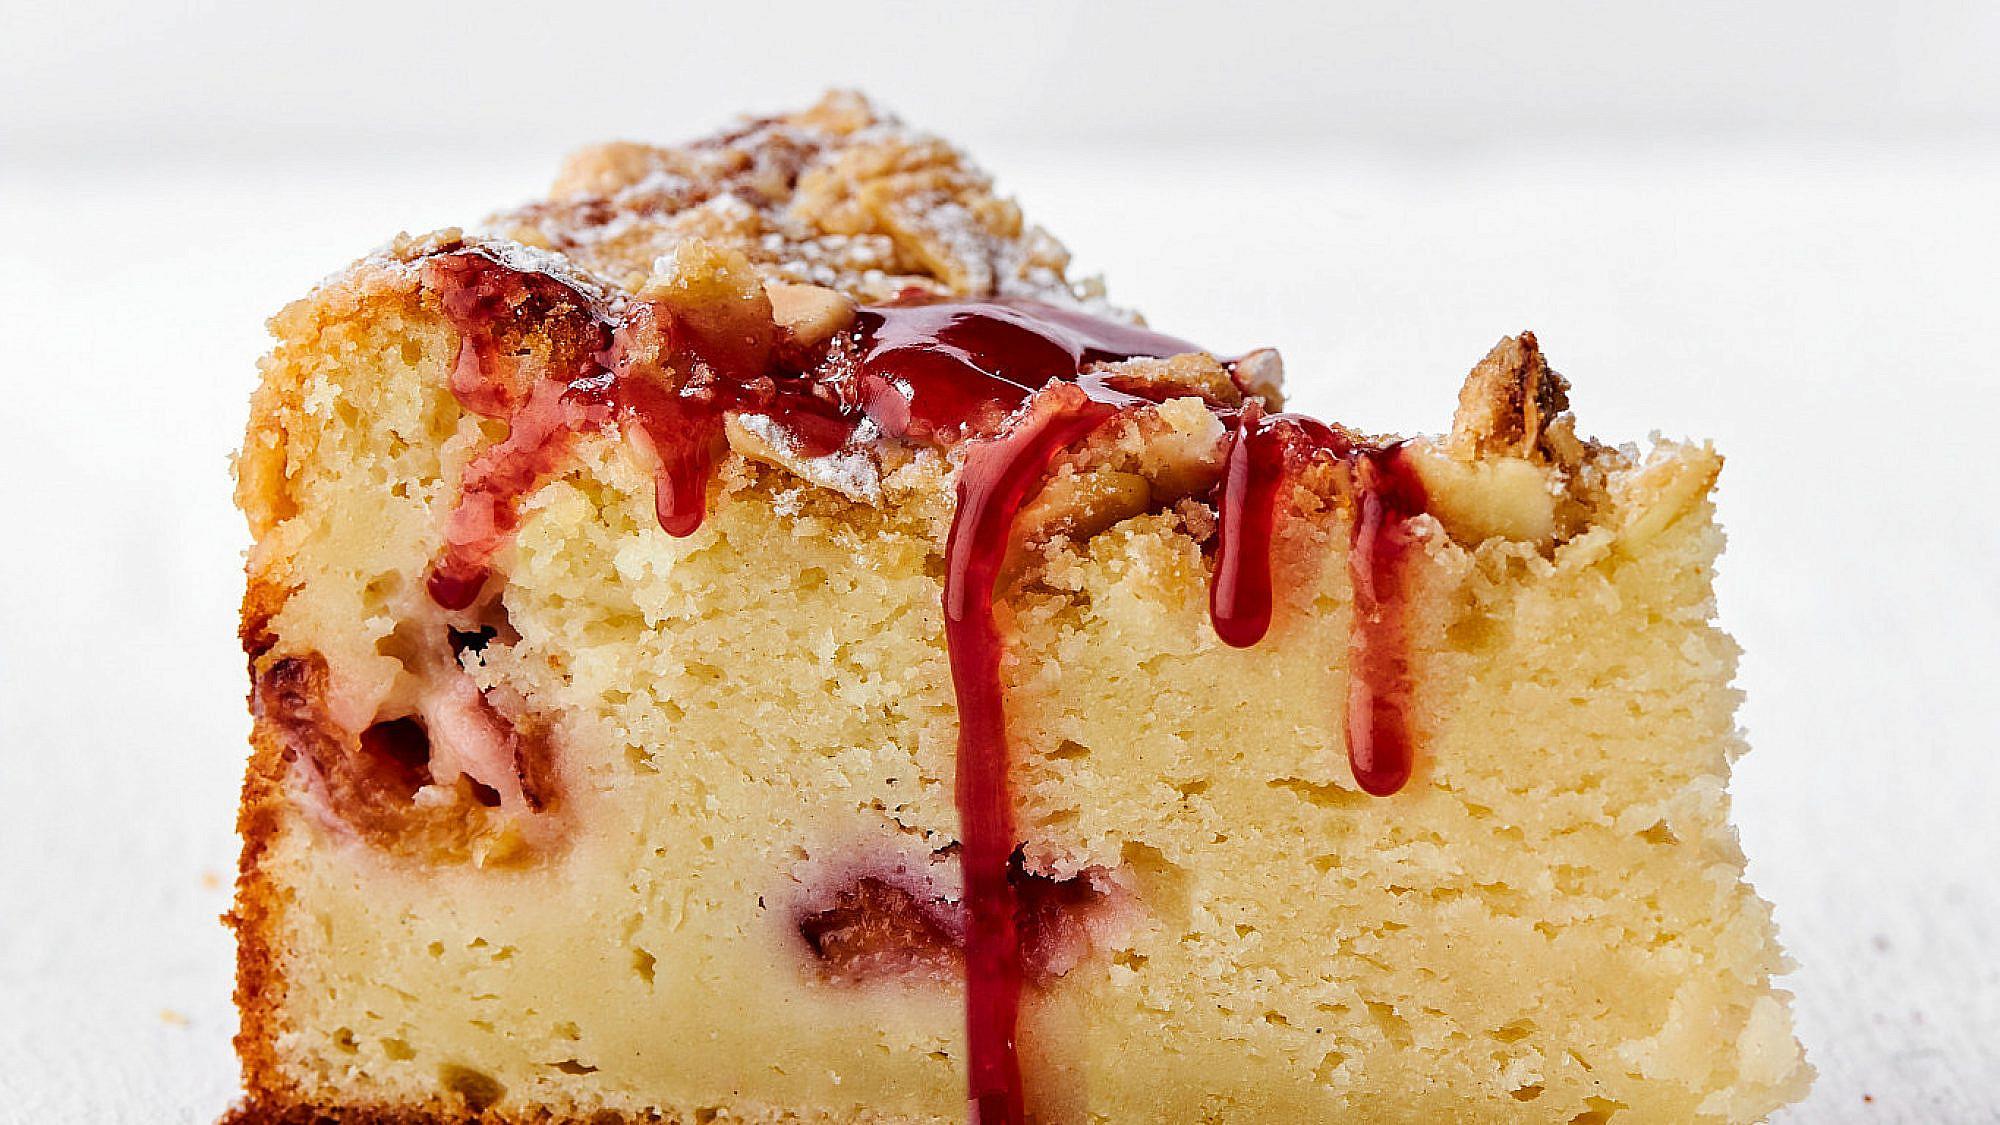 עוגת גבינה בחושה עם נקטרינות של רותם ליברזון. צילום: אמיר מנחם